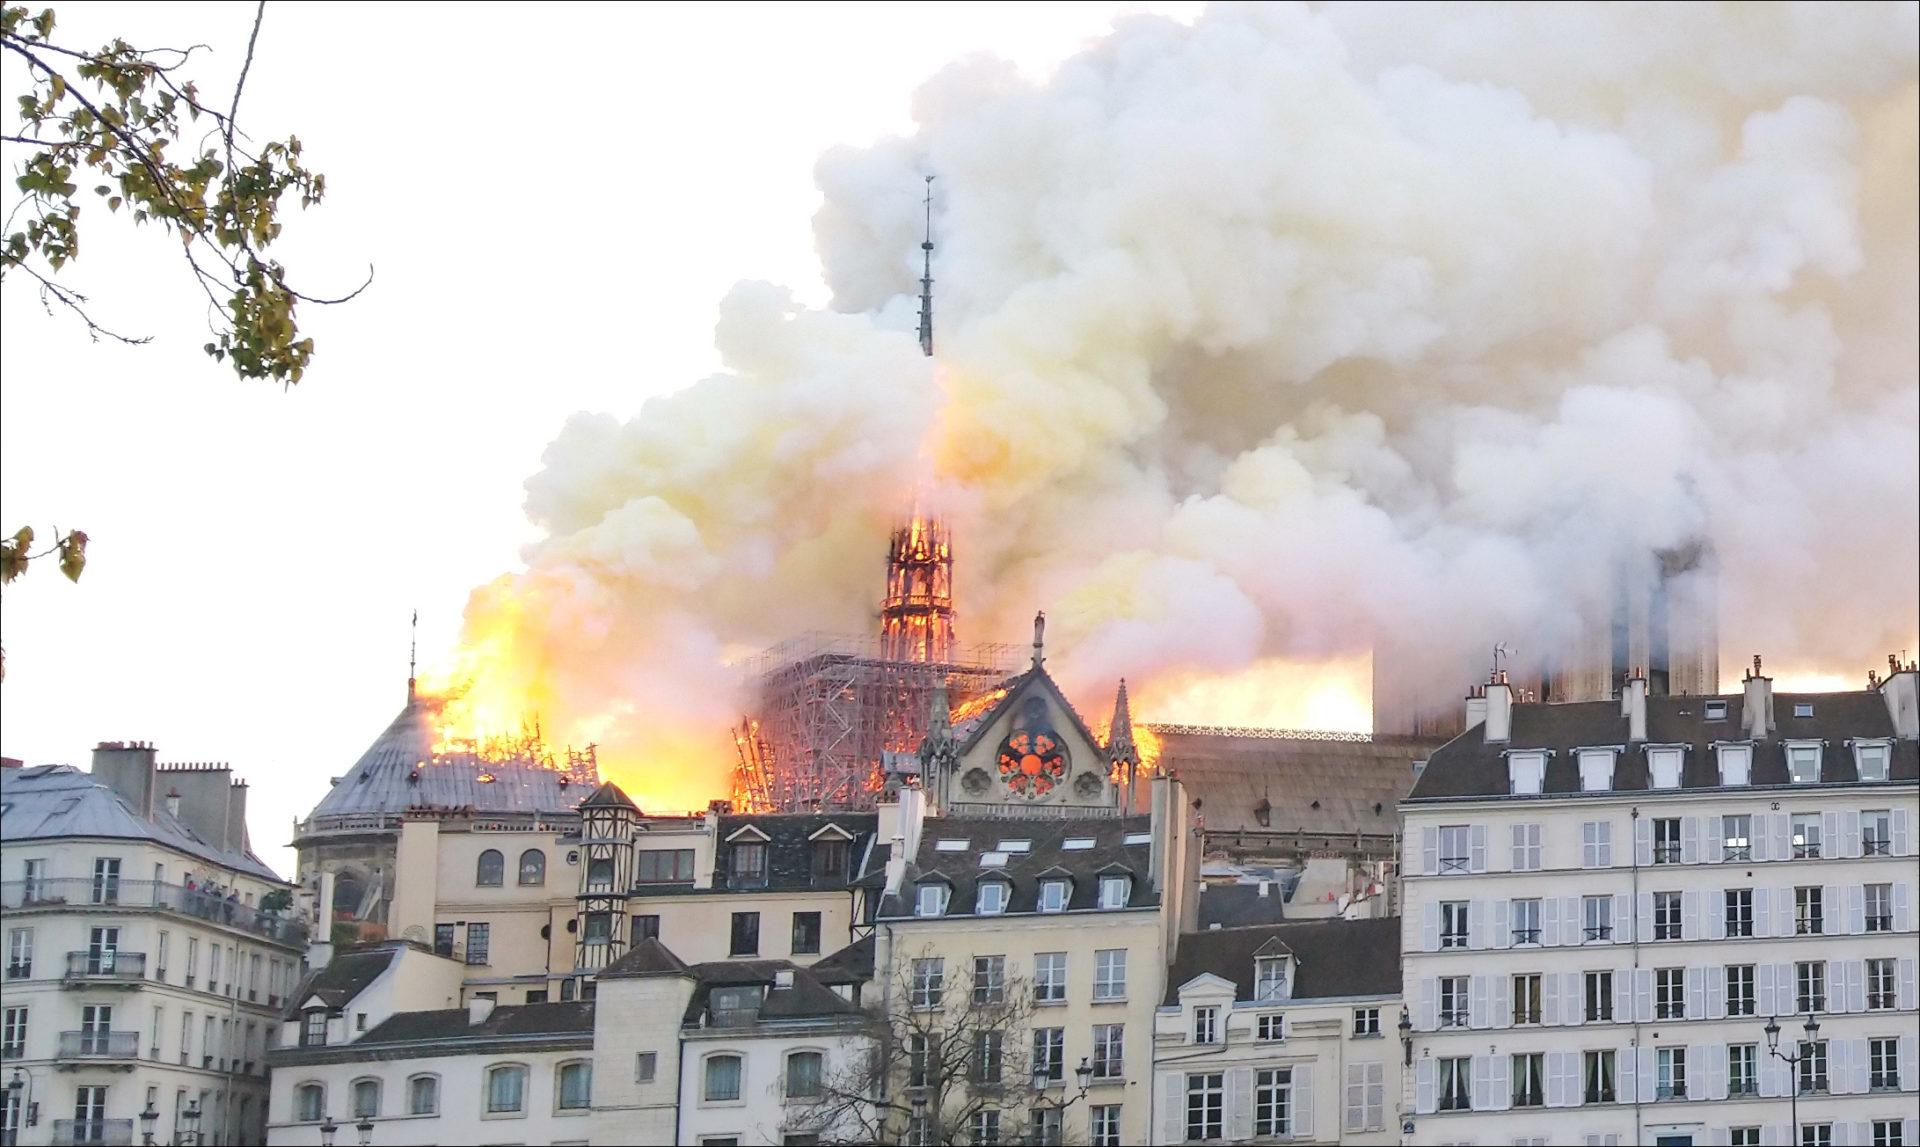 incendie de Notre-Dame de Paris.